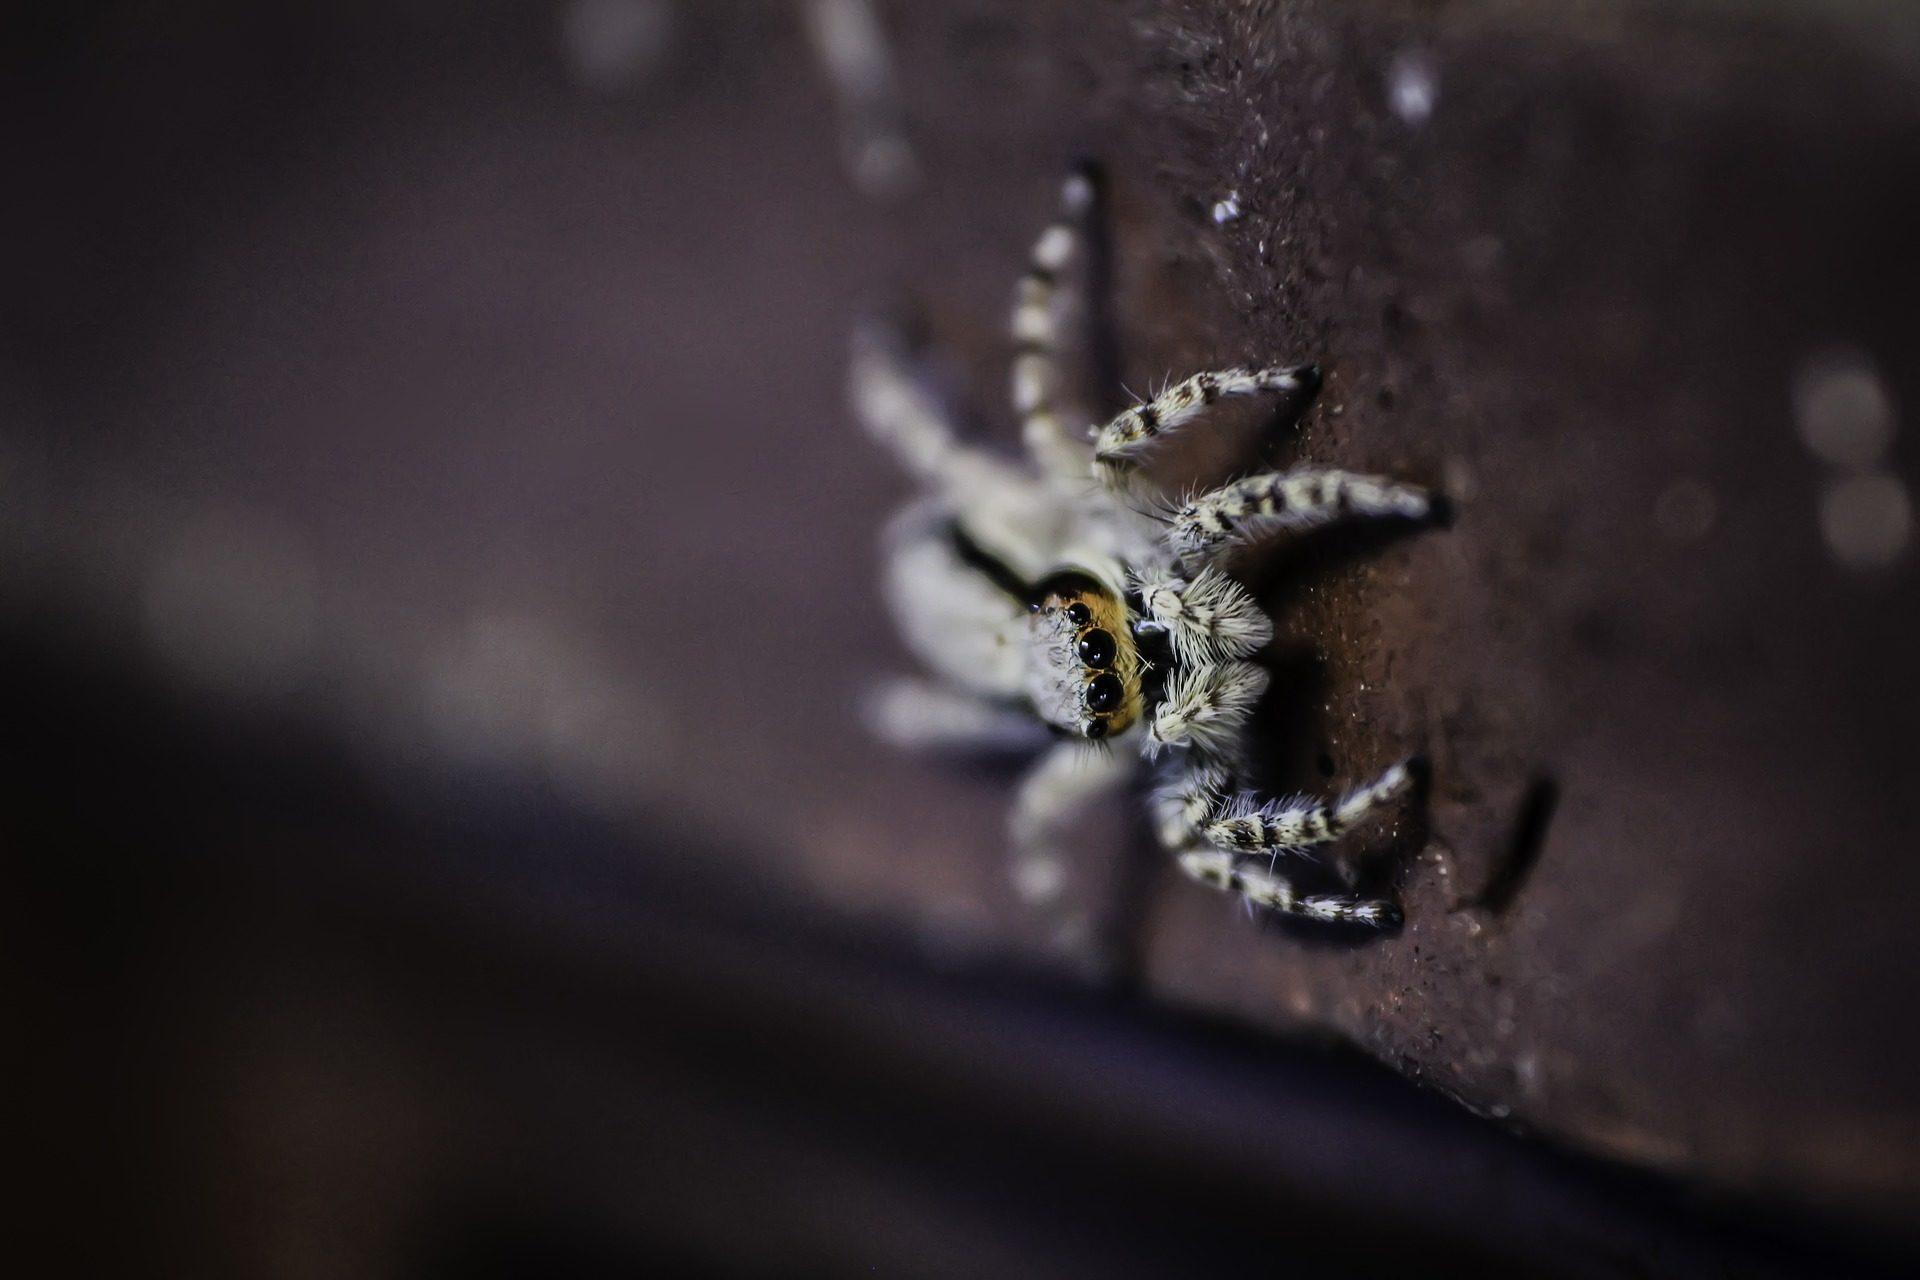 insecte, Araignée, arachnide, chair de poule, peur, panique - Fonds d'écran HD - Professor-falken.com